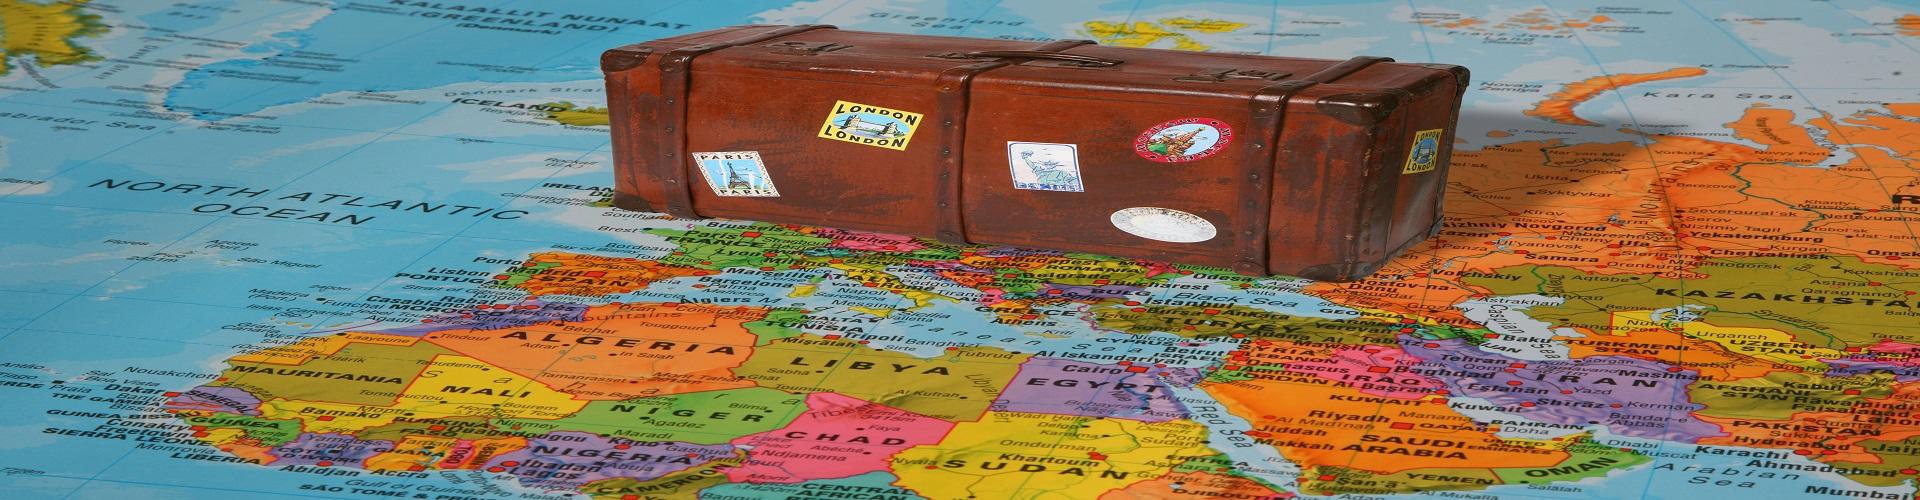 .....סביב העולם - למעלה מ 50 שנות ניסיון בעולם התיירות